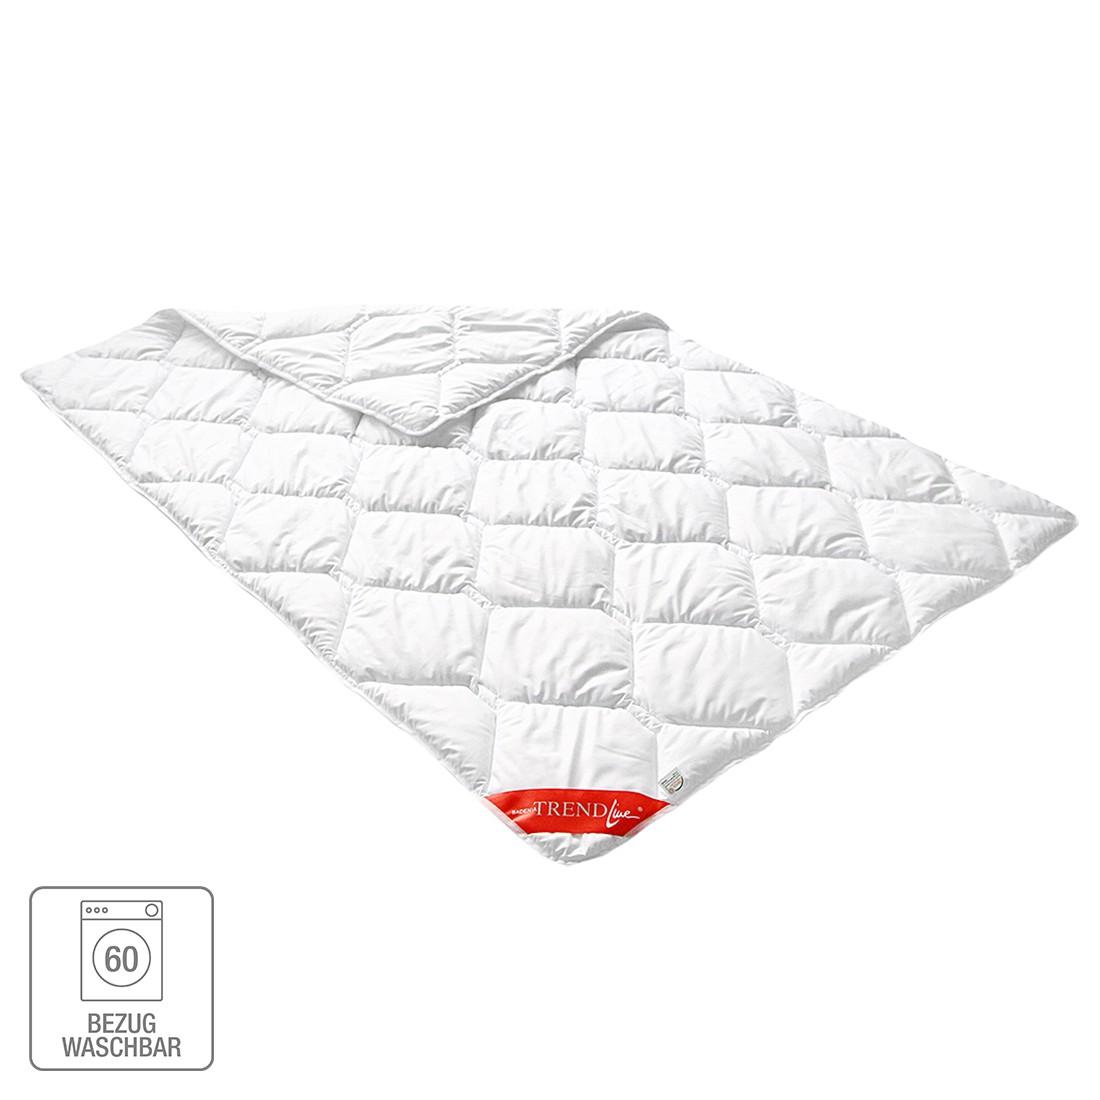 Trendline Micro Kochfest Programm – Microfaser – Leichtsteppbett – 155 x 220 cm, Badenia kaufen